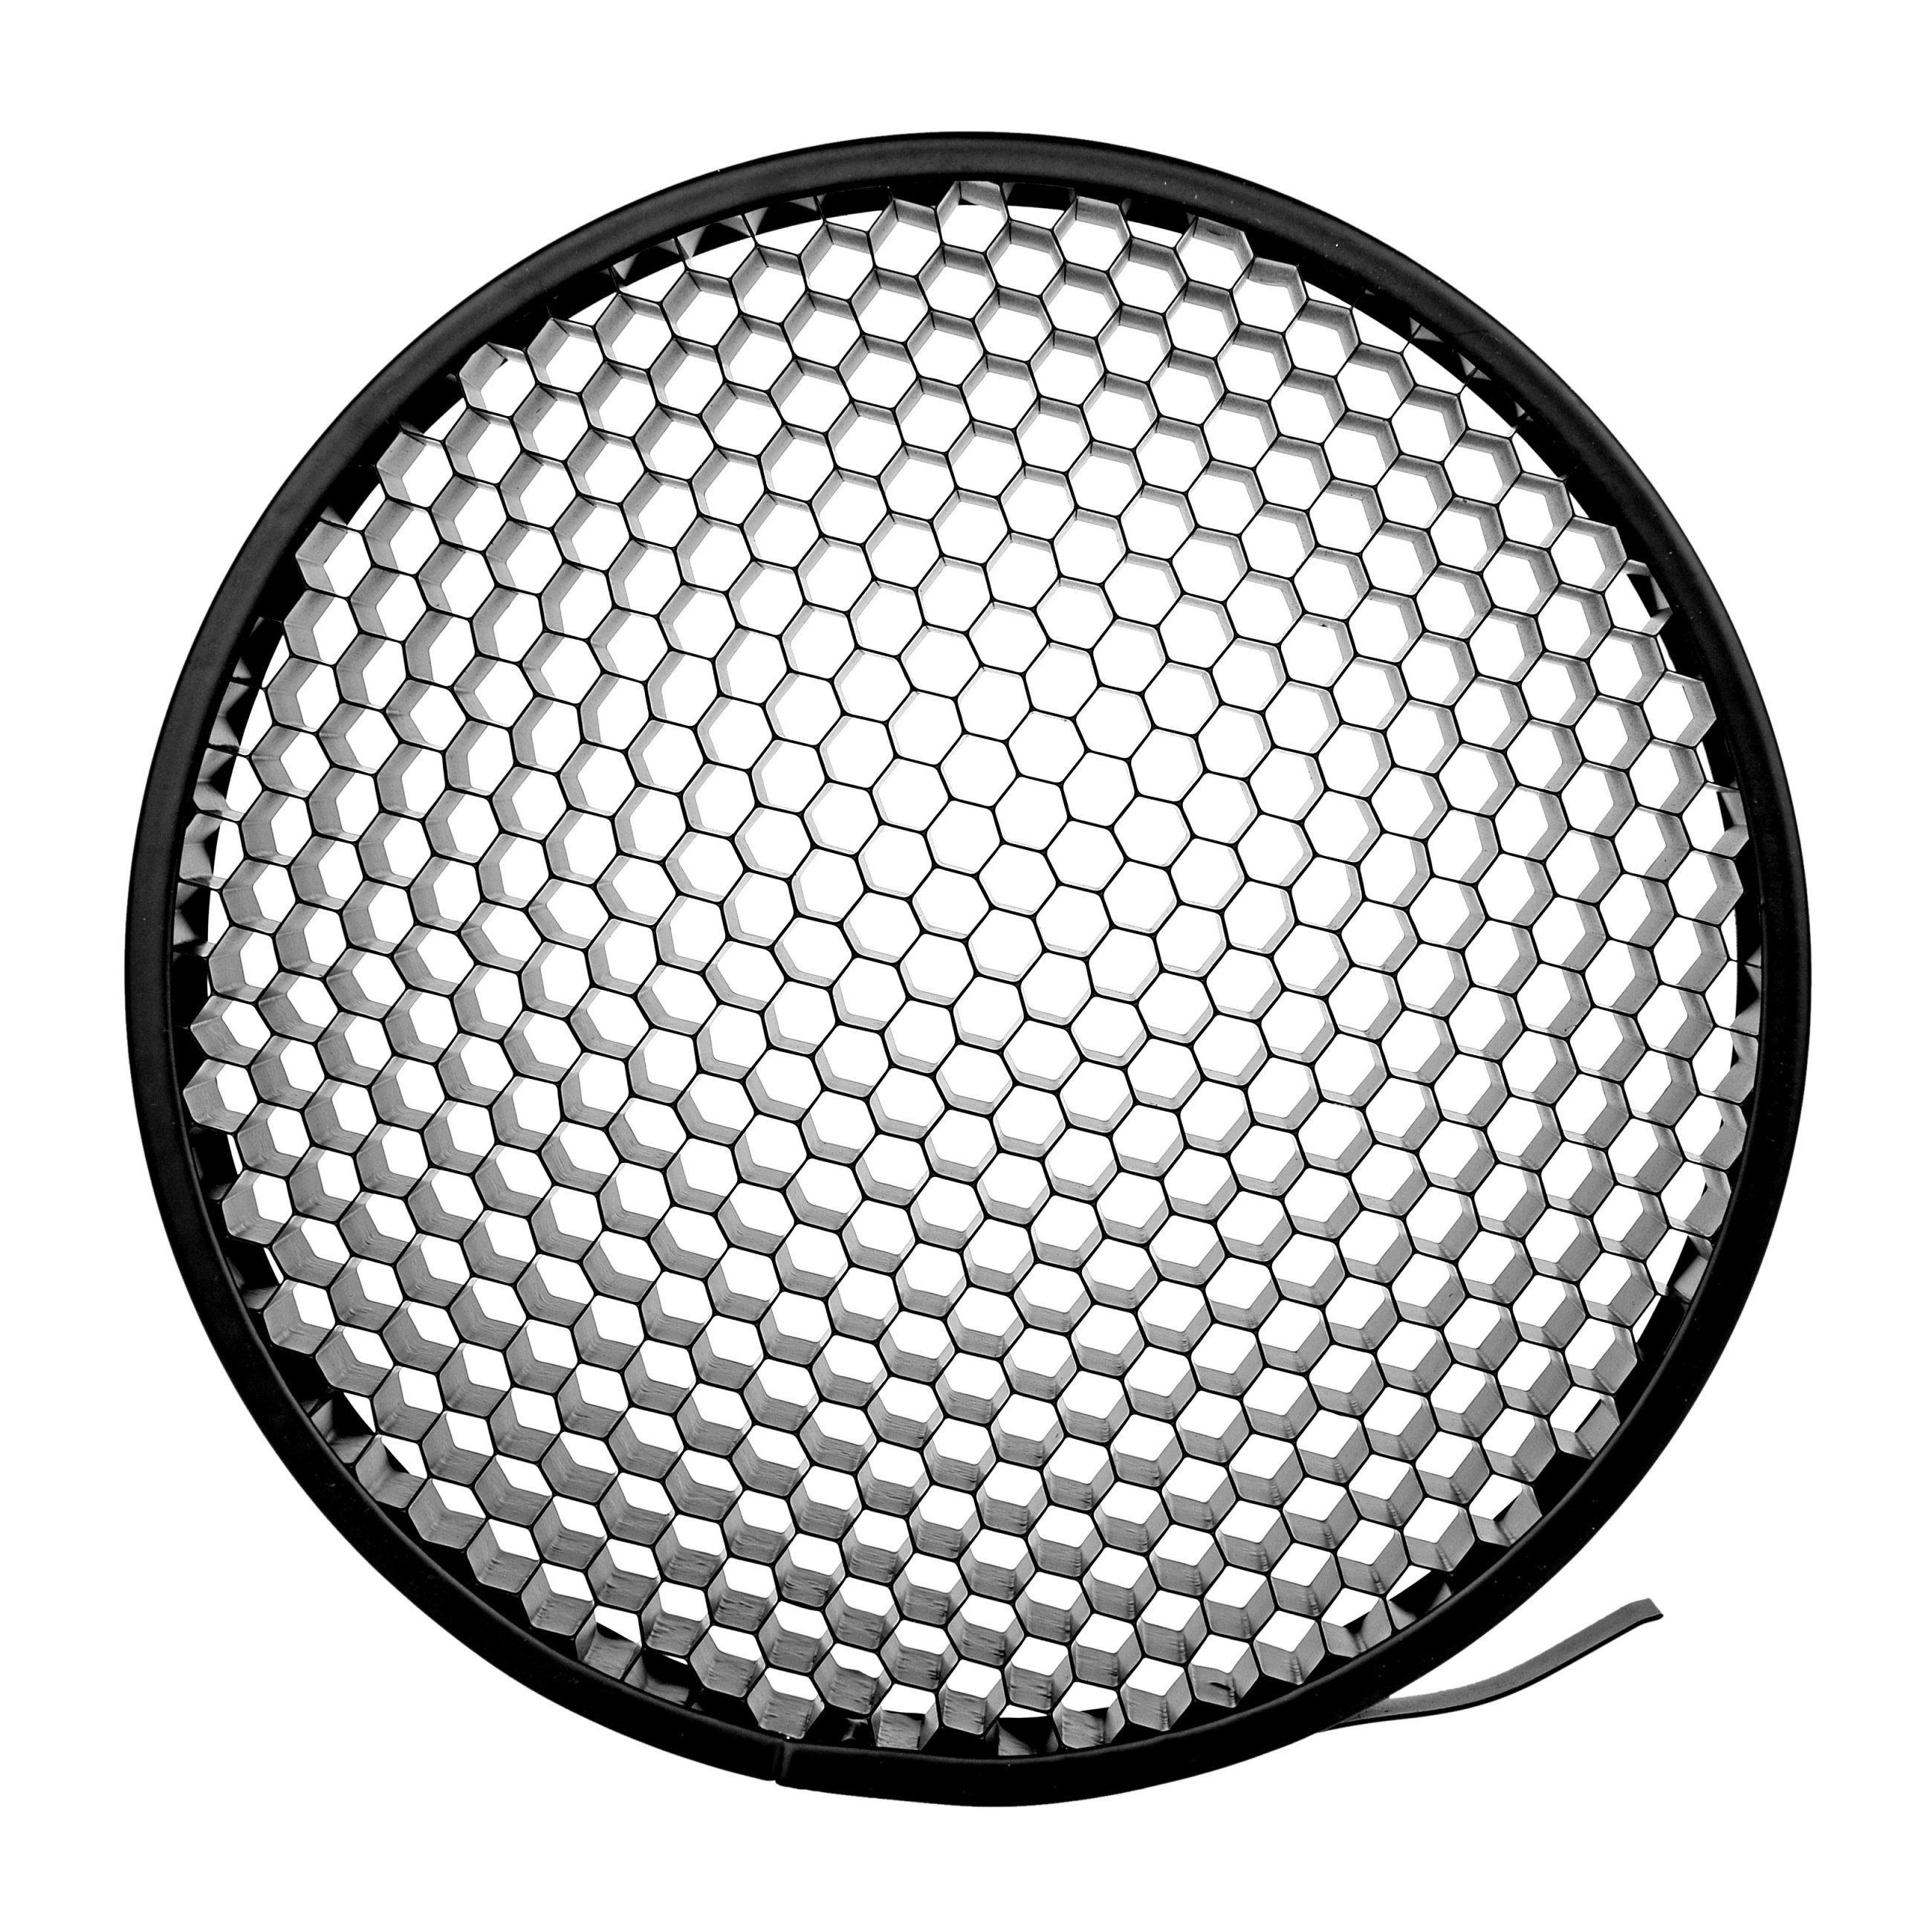 Bresser Fotostudio »M-13 Wabe für 17,5 cm Reflektor«